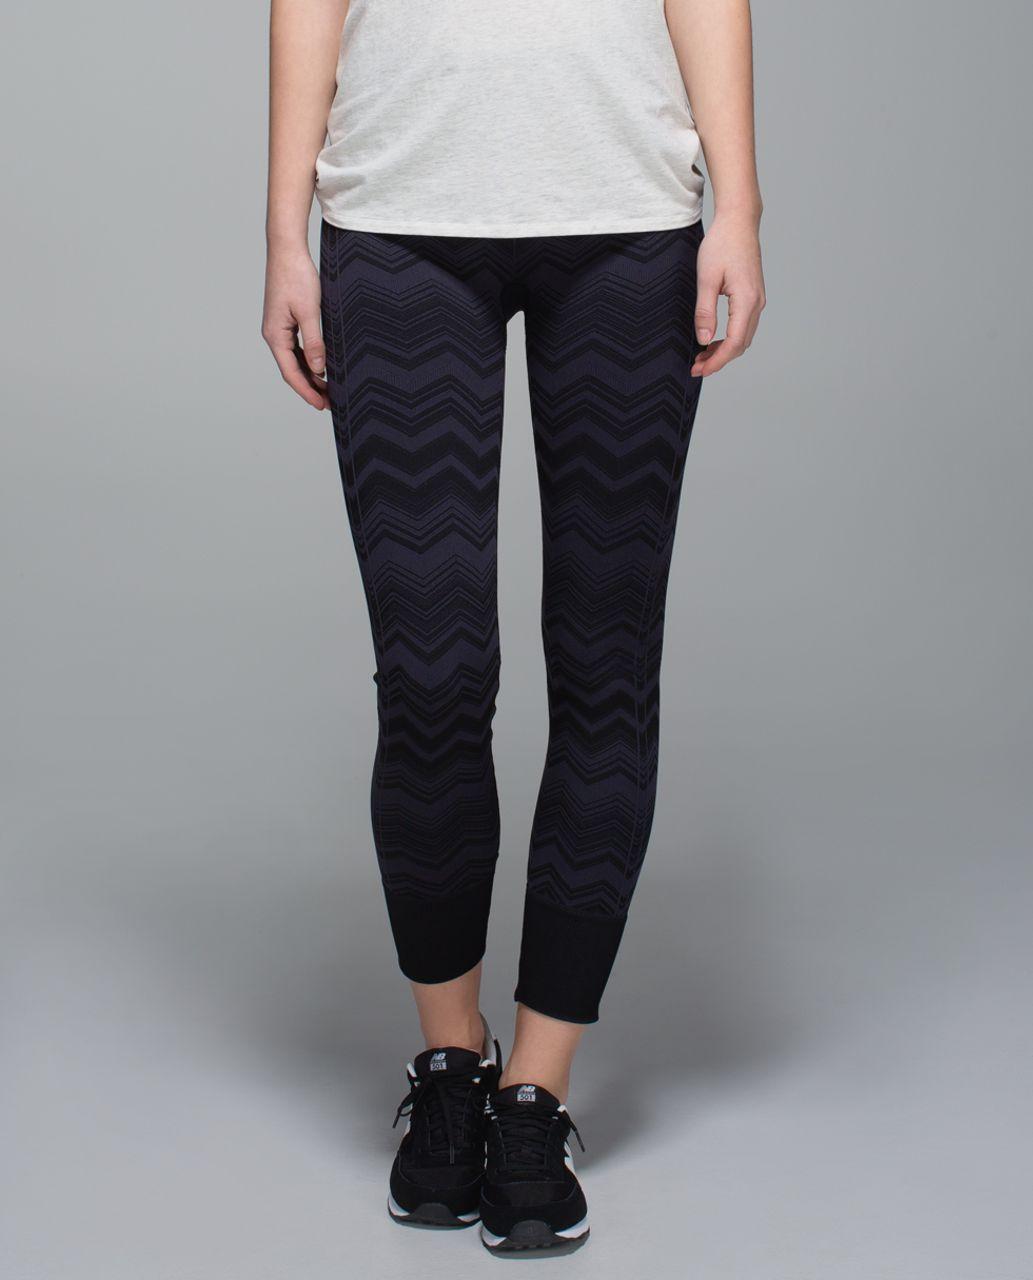 Lululemon Ebb To Street Pant - Heathered Naval Blue